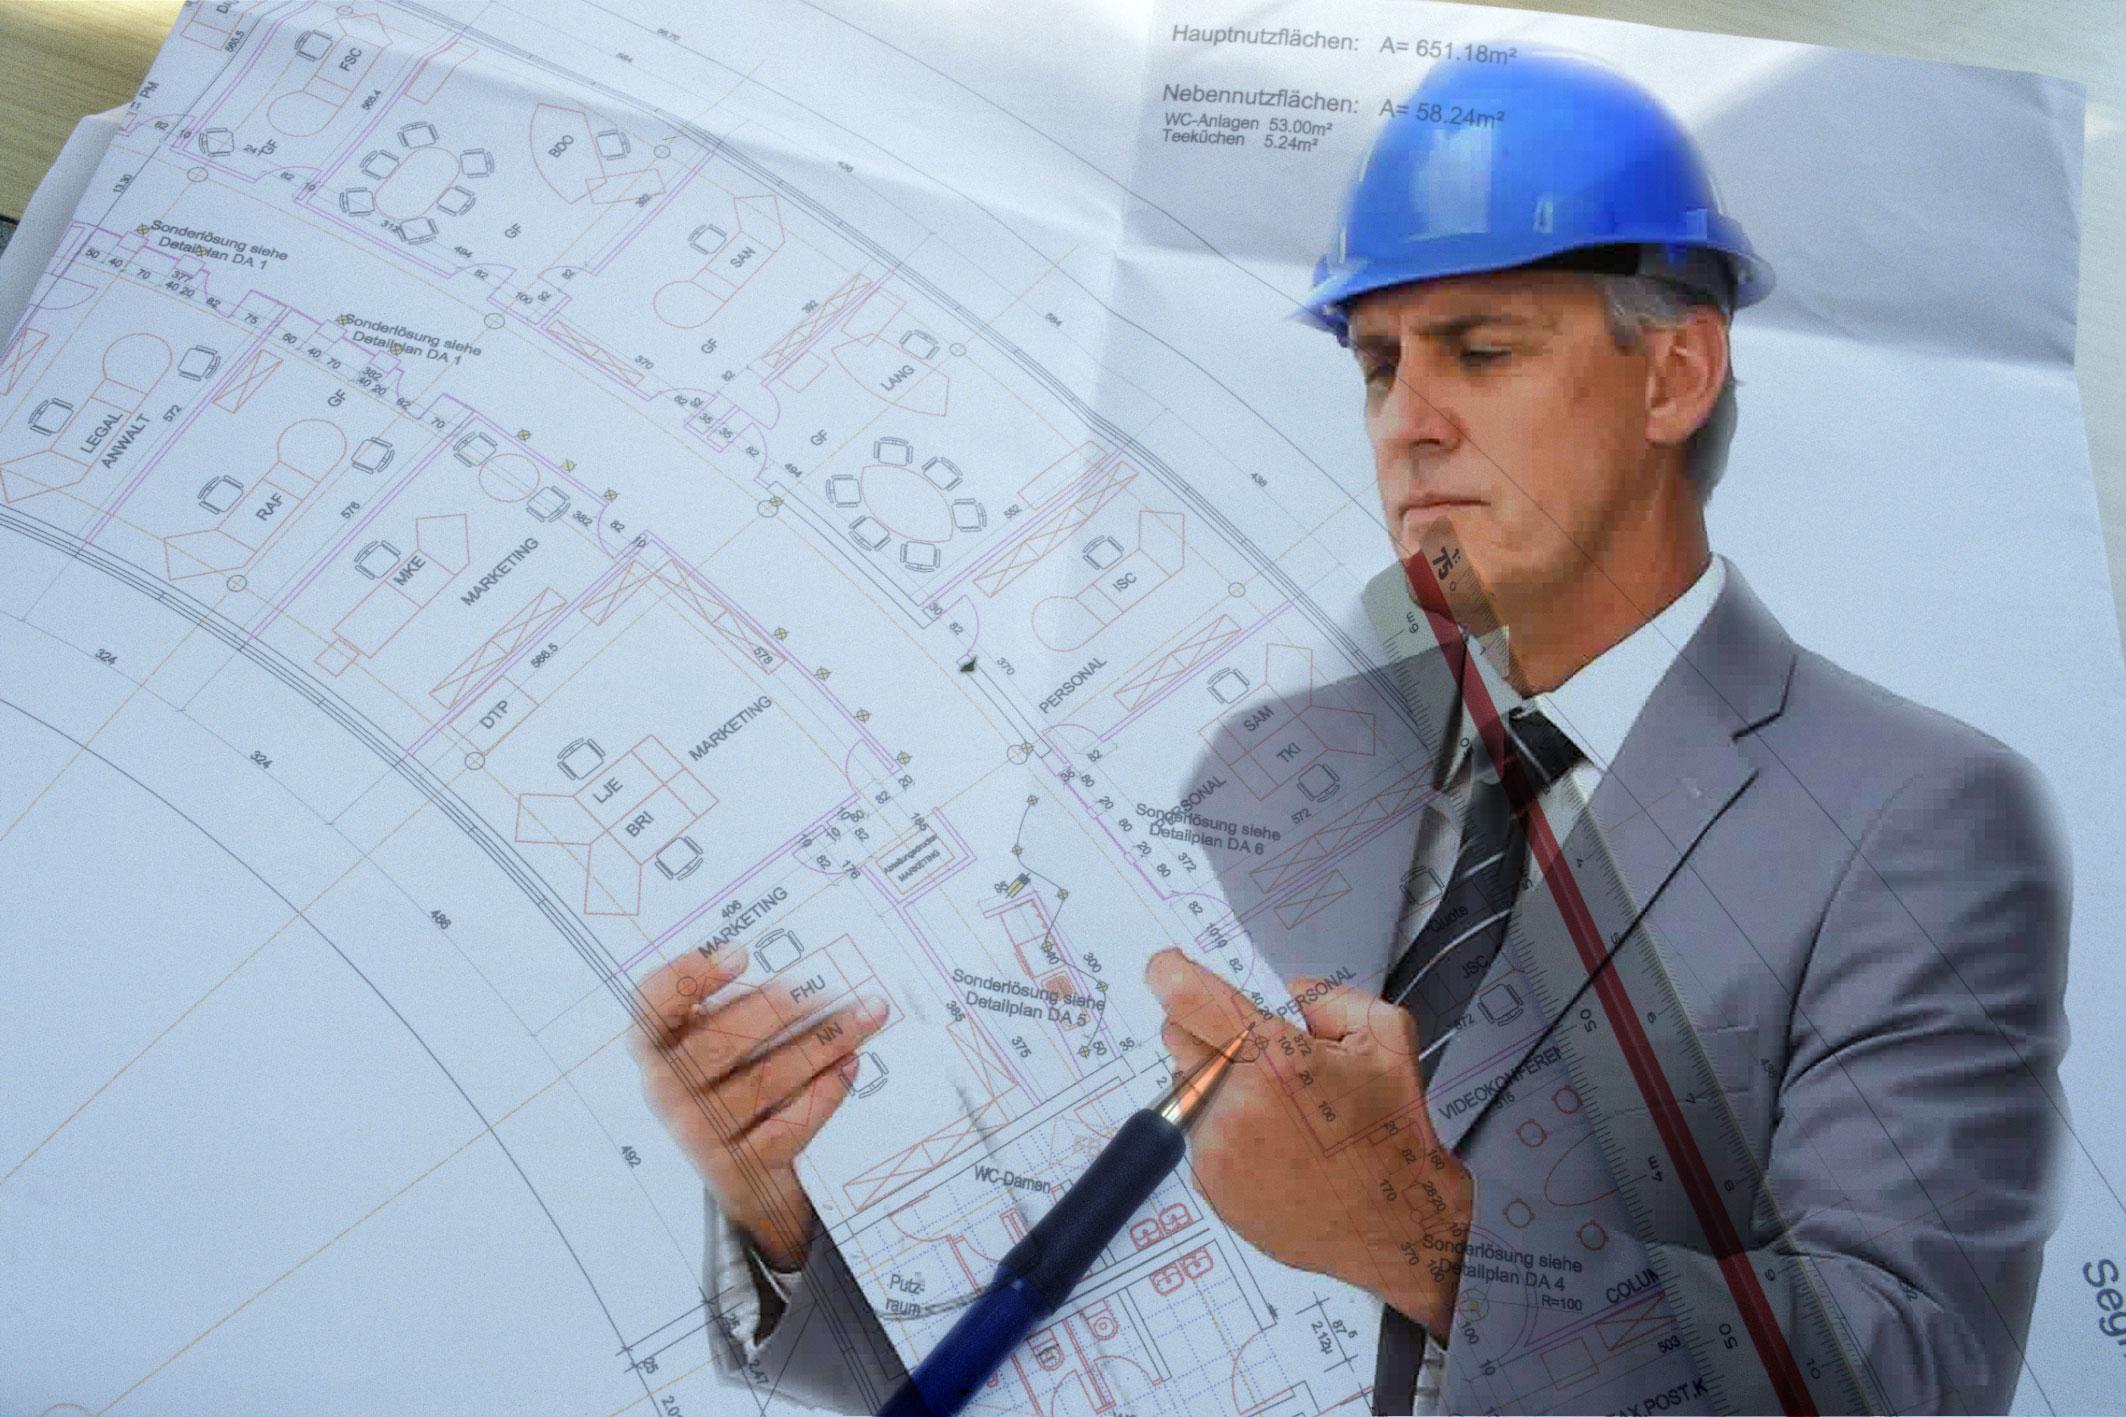 Bauplanung vom Ingenieur